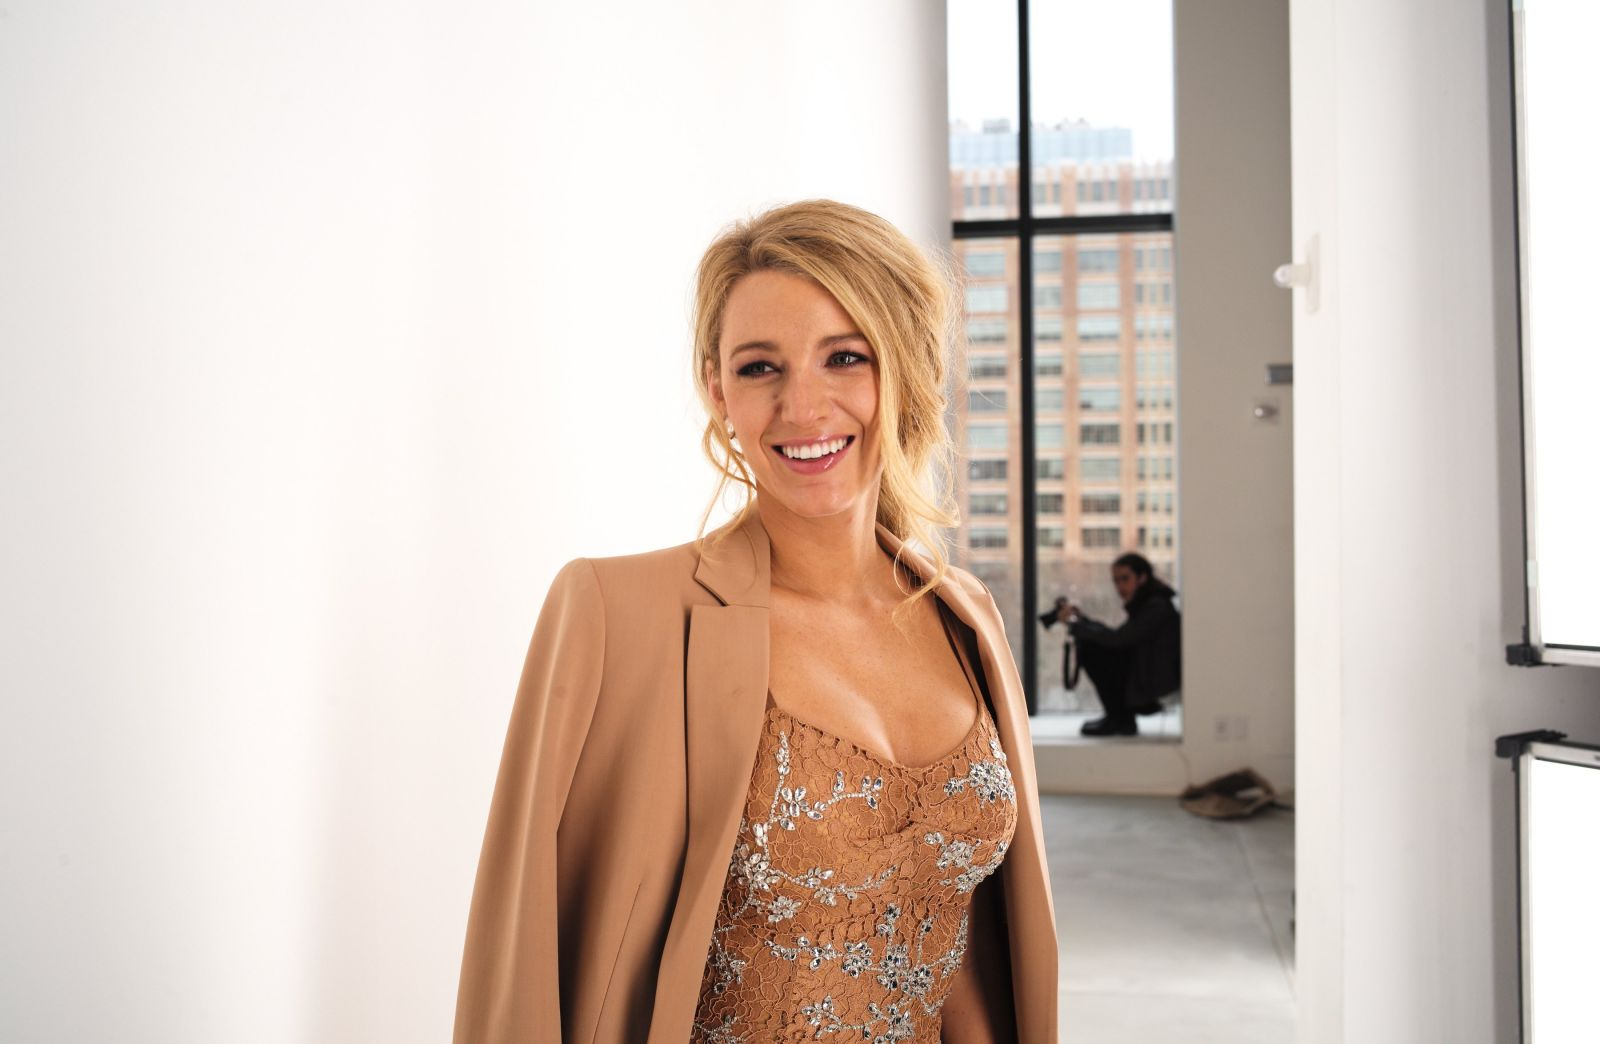 Нежно и со вкусом: стройная Блейк Лайвли покоряет отменным стилем на Неделе моды в Нью-Йорке